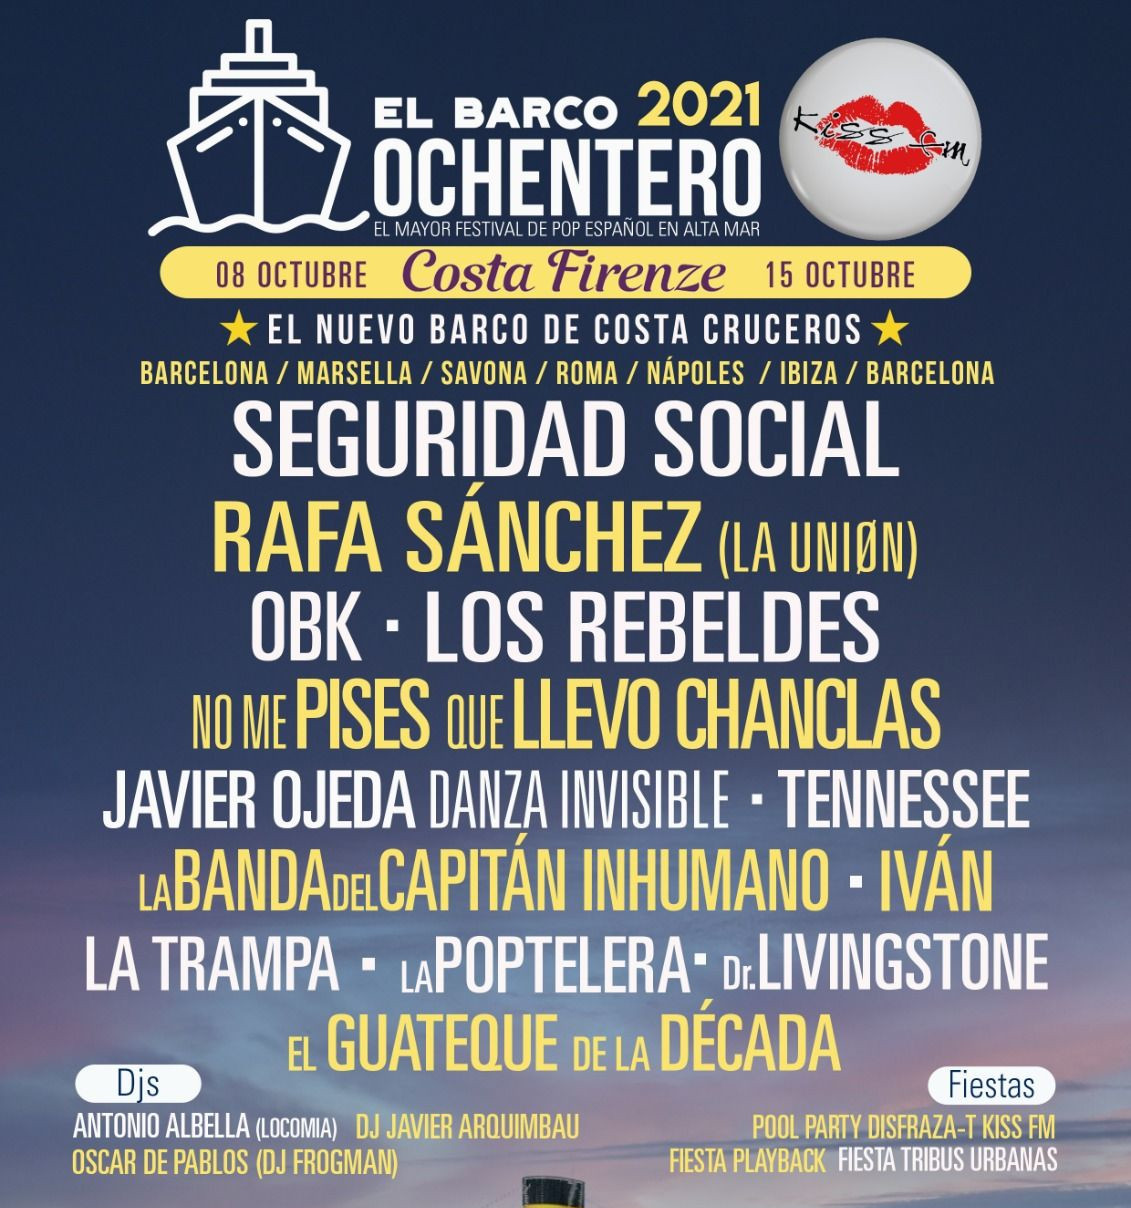 Artistas conciertos y Djs en el Crucero Ochentero 2021 B2Bviajes